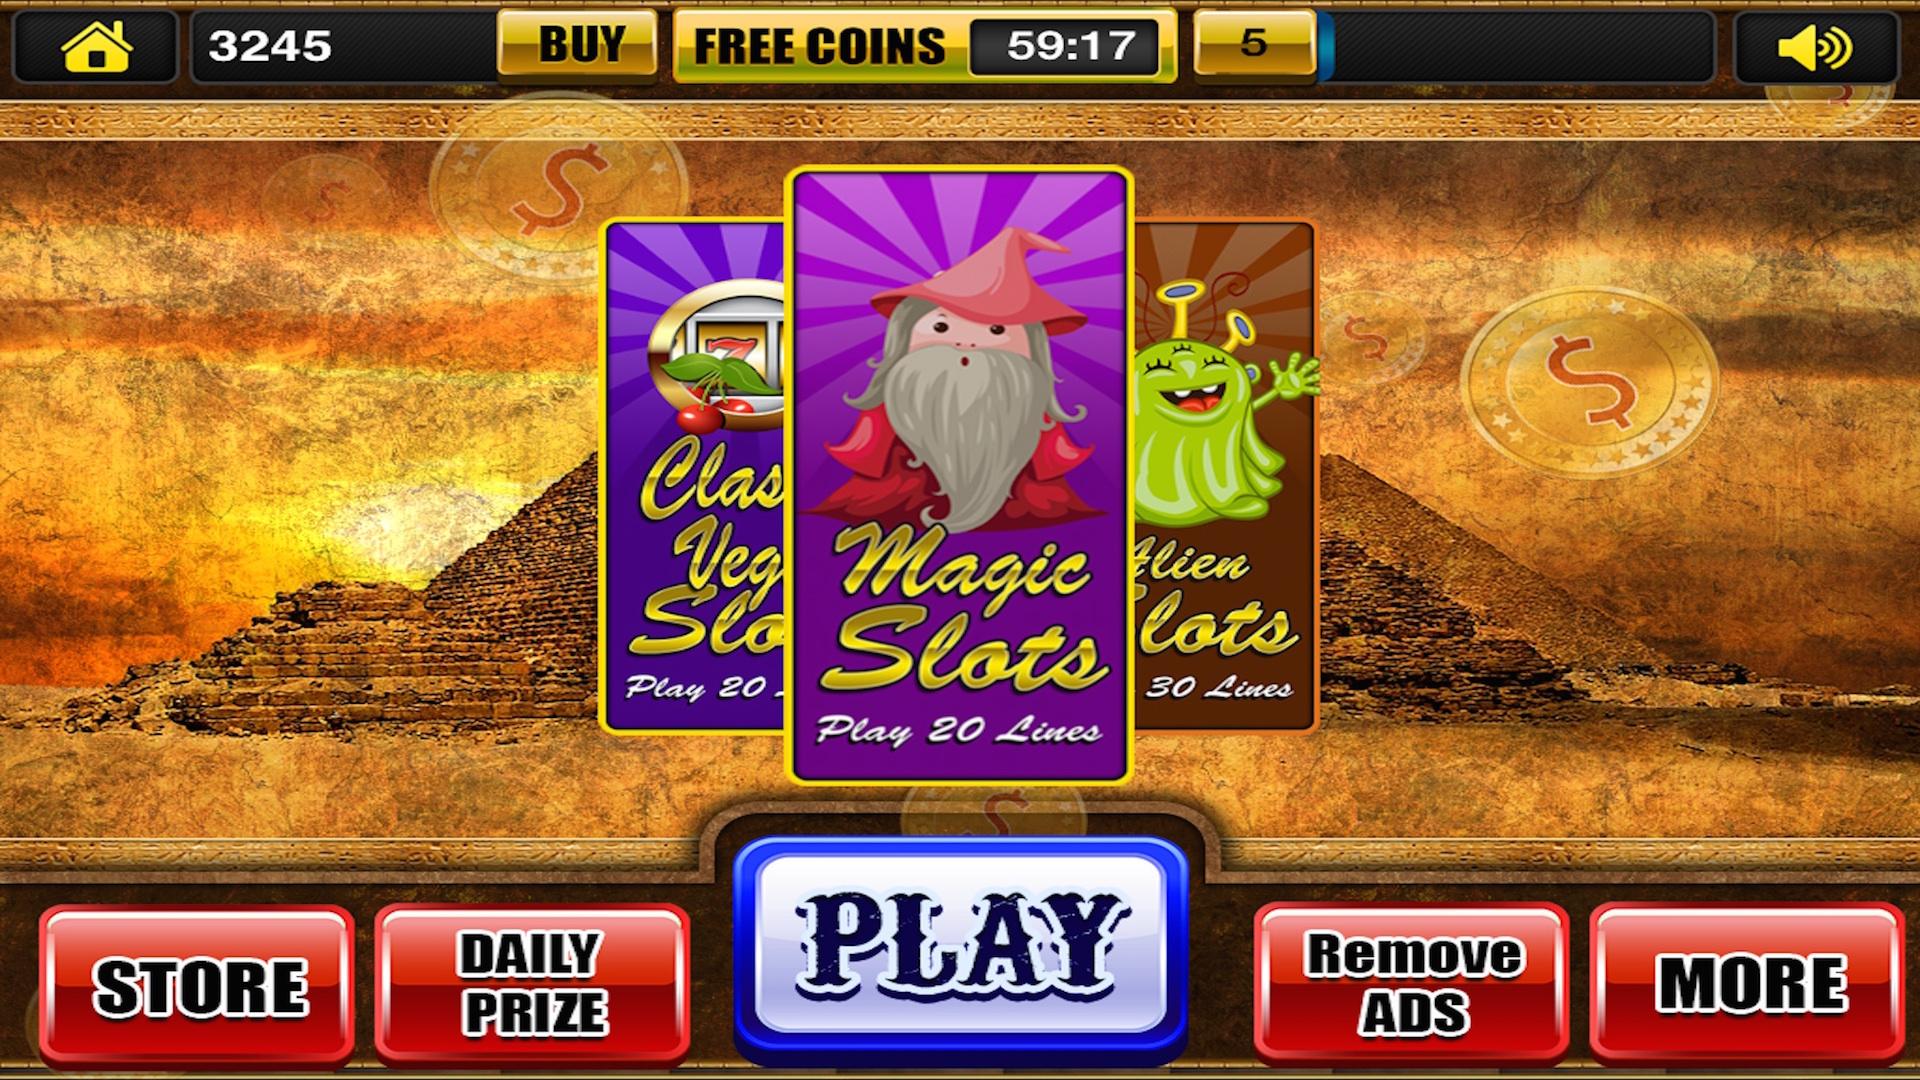 HTC Spielautomaten - Spielen Sie Slots-Spiele an HTC Smartphones